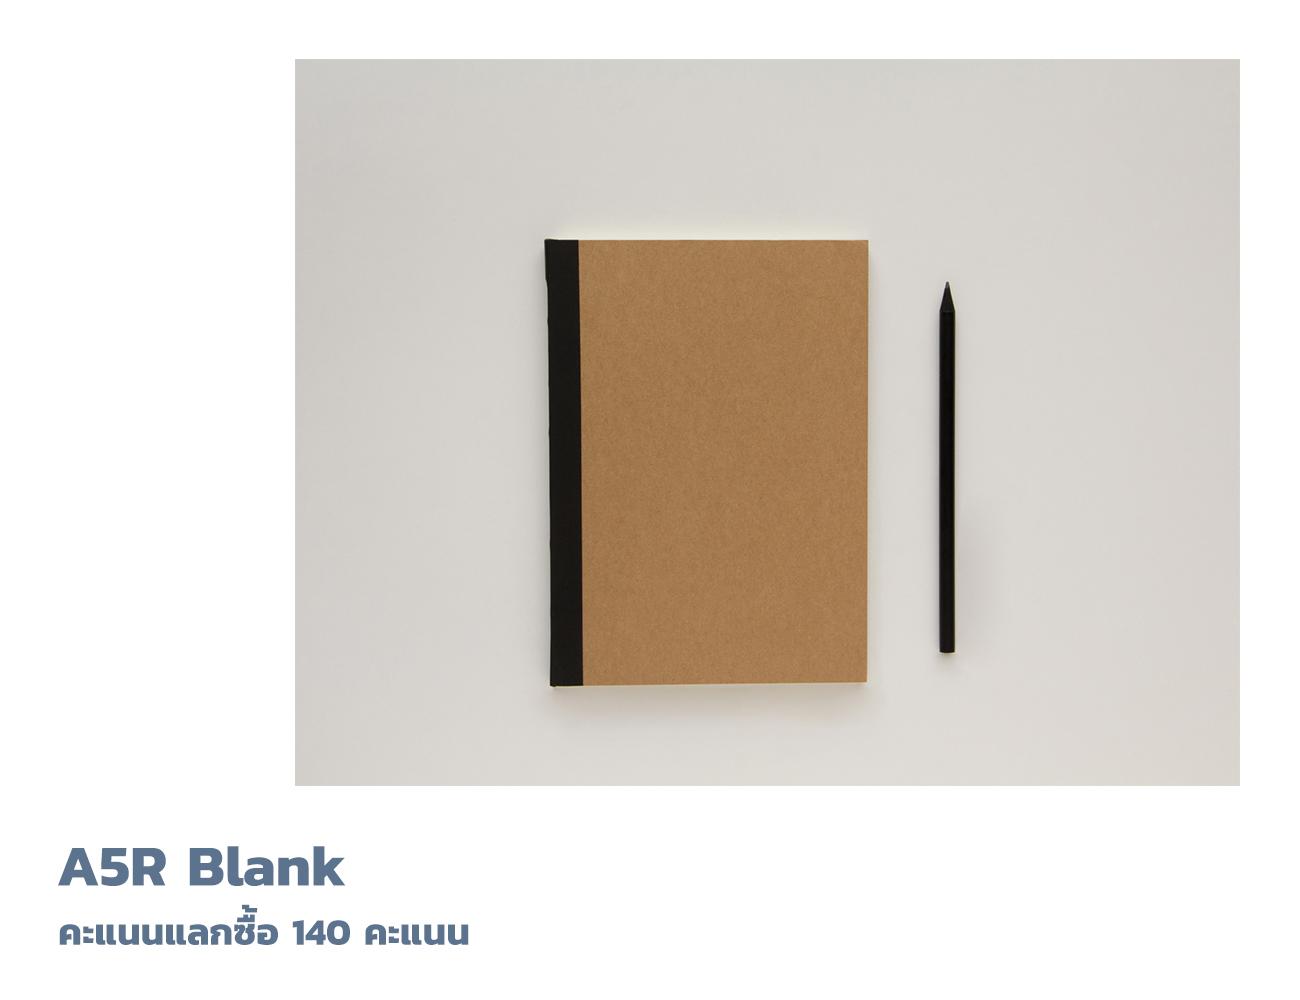 A5R Blank